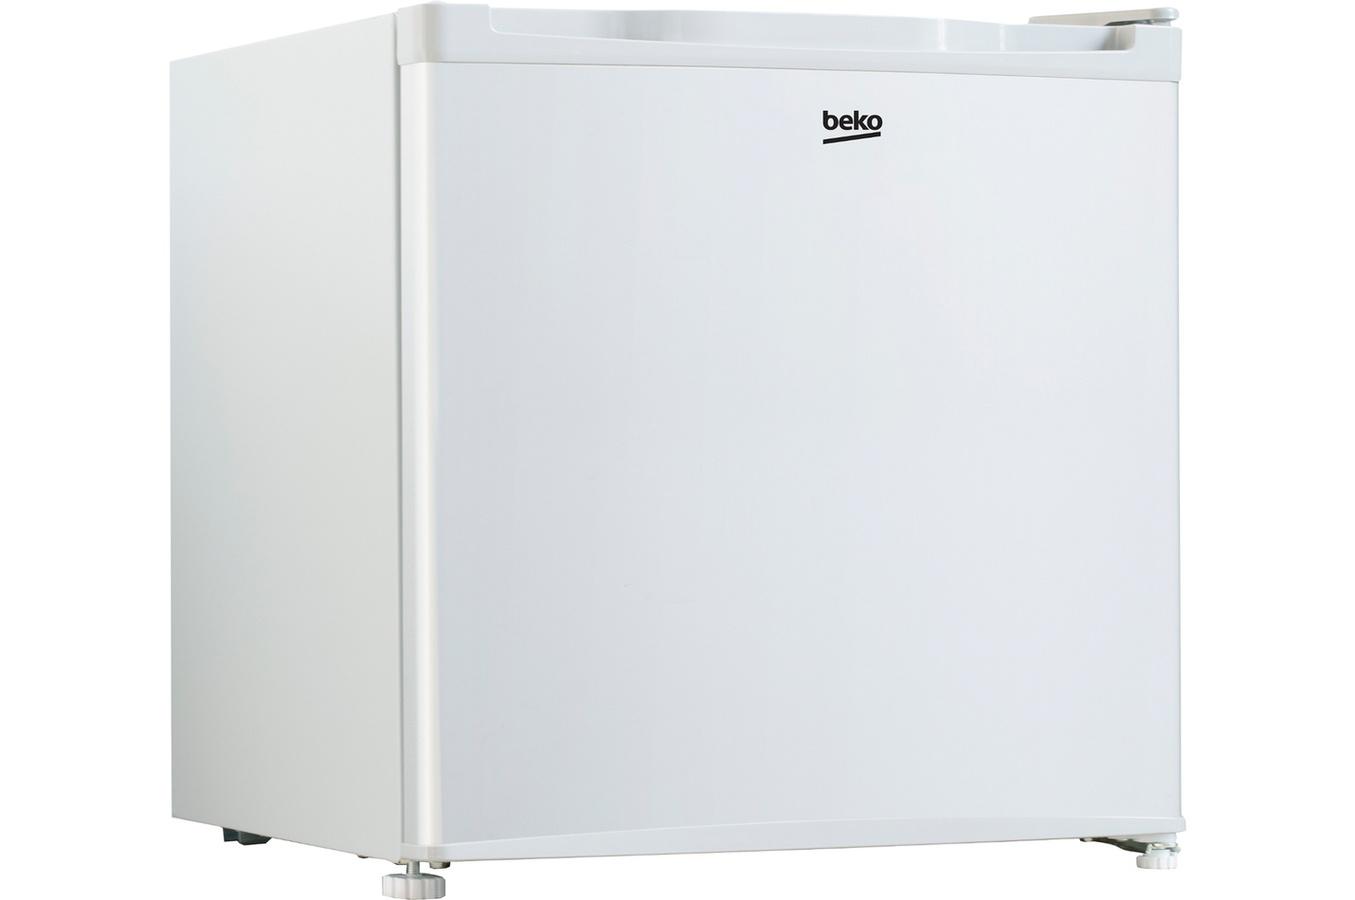 Syst me frigorifique tous les mod les pour - Quelle temperature pour un congelateur ...